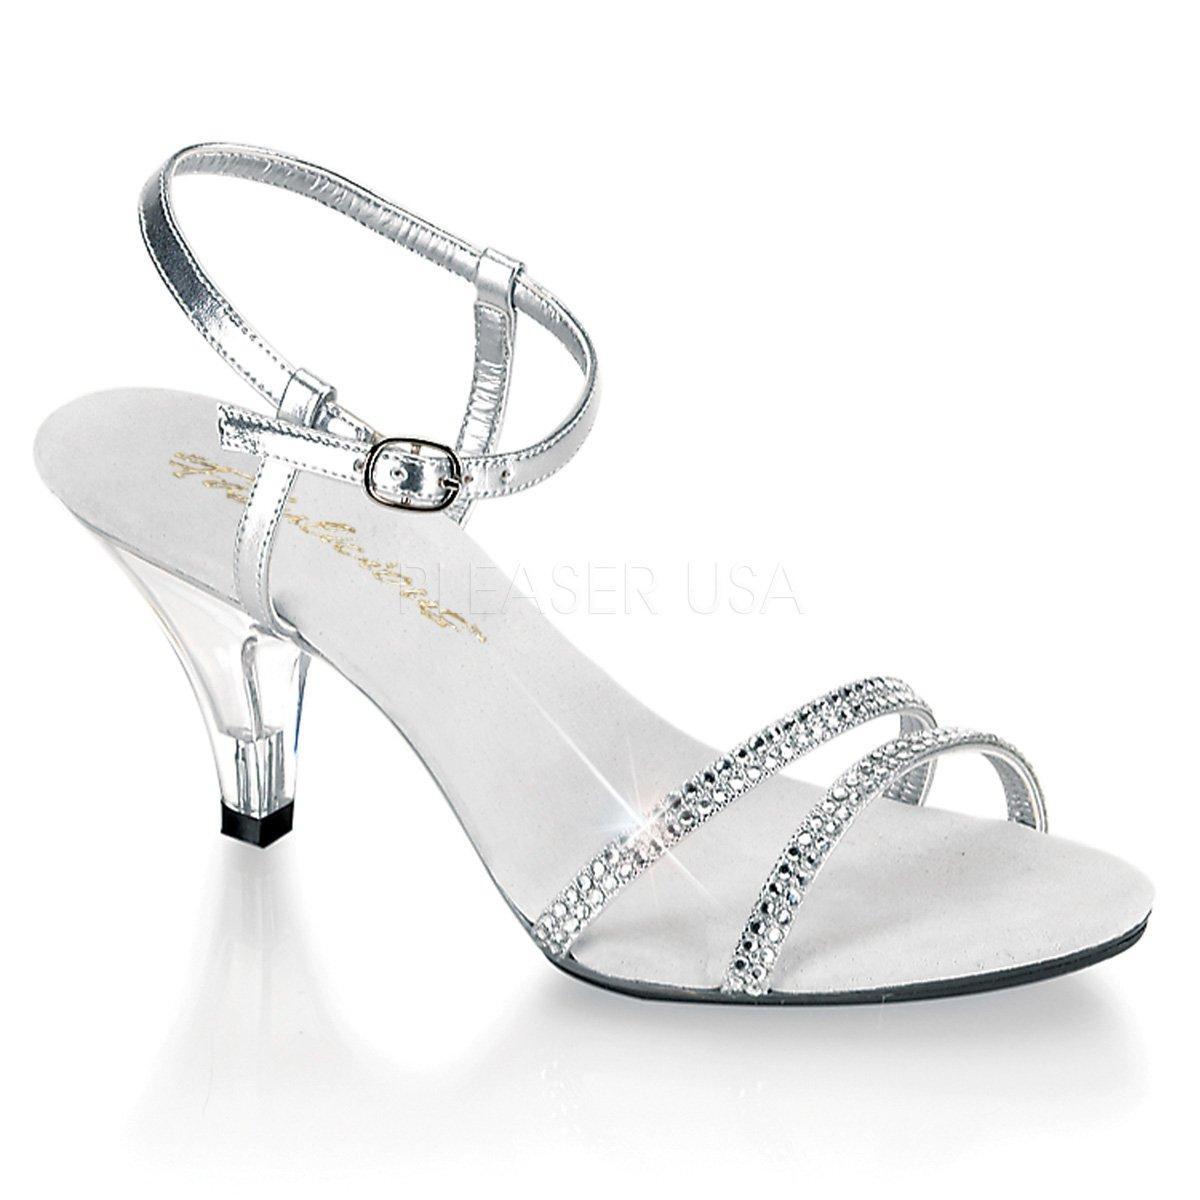 bdaf222ef38 BELLE-316 Stříbrné páskové společenské sandálky s kamínky na nízkém podpatku